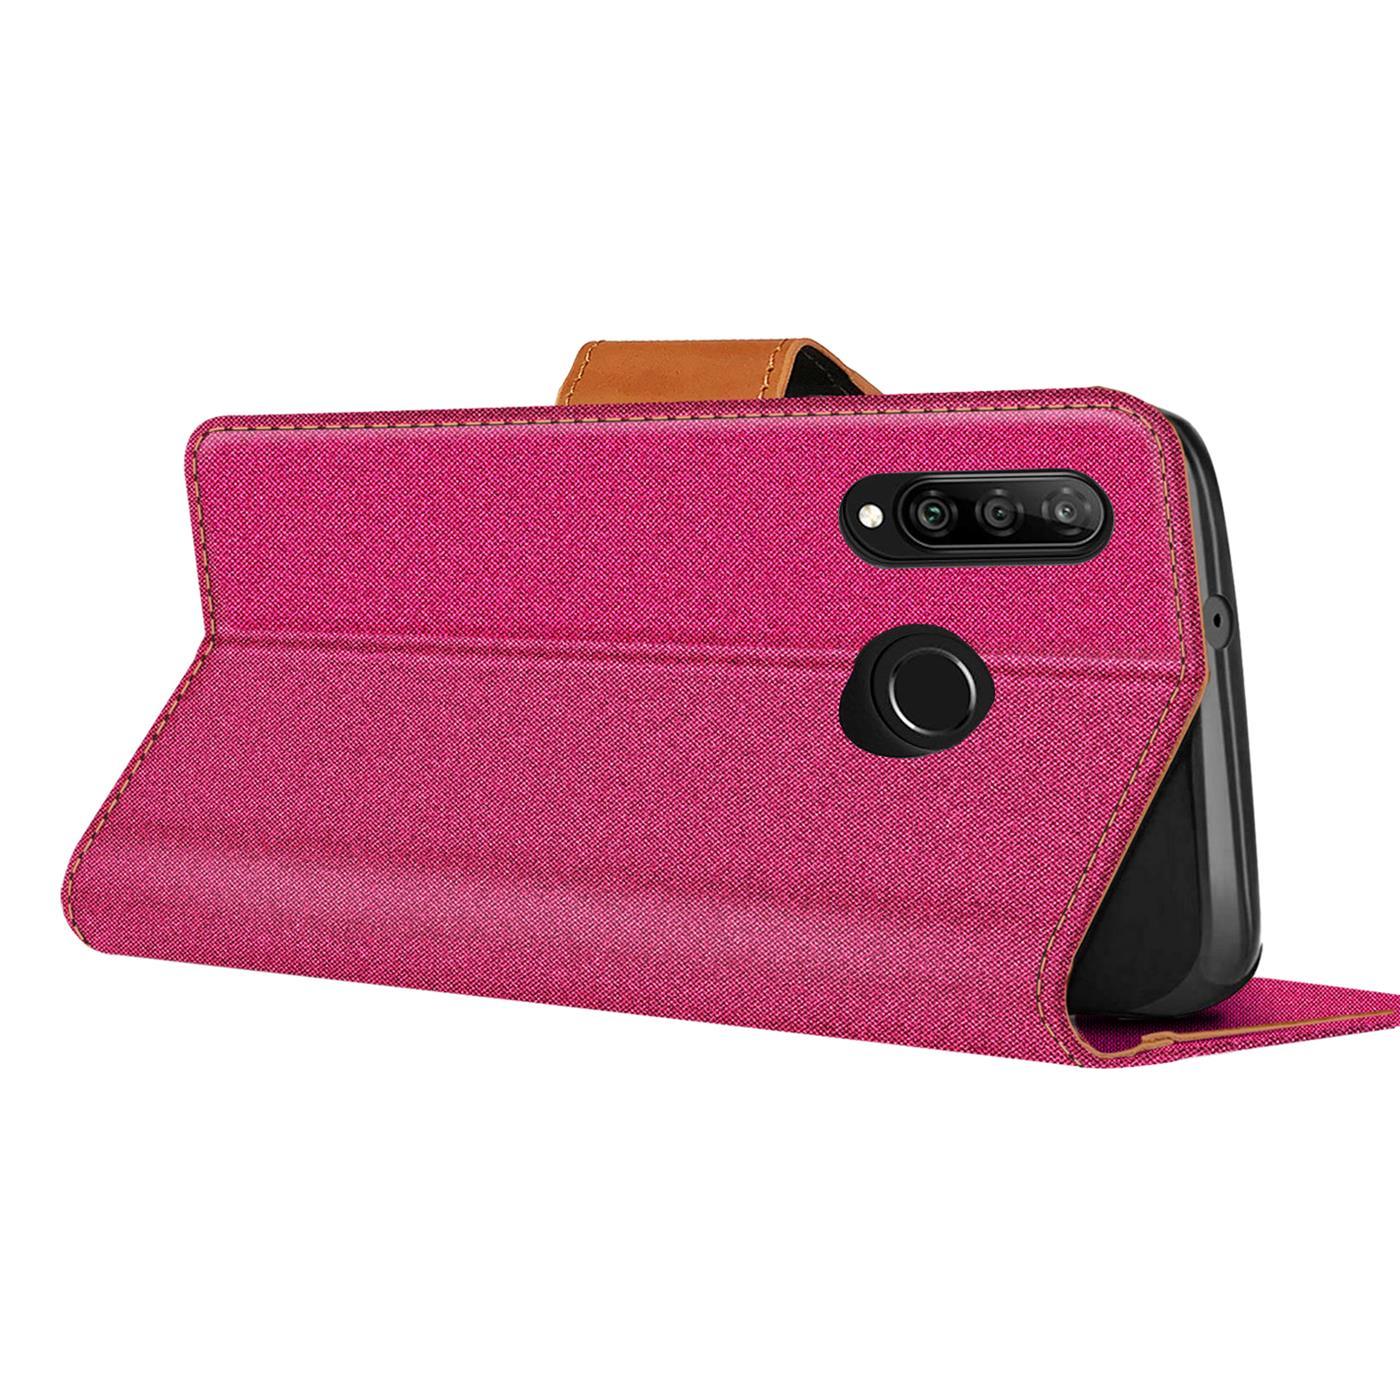 Schutzhuelle-Handy-Huelle-Flip-Case-Klapp-Tasche-Book-Case-Cover-Handyhuelle-Etui Indexbild 34